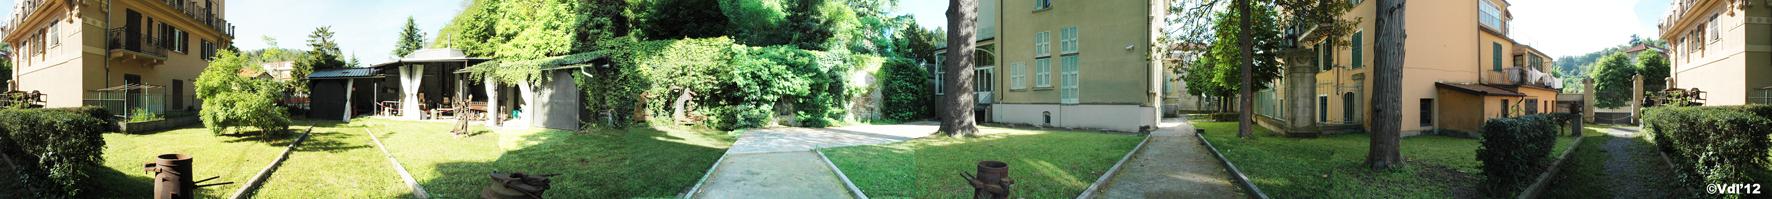 panoramica_giardino_vr